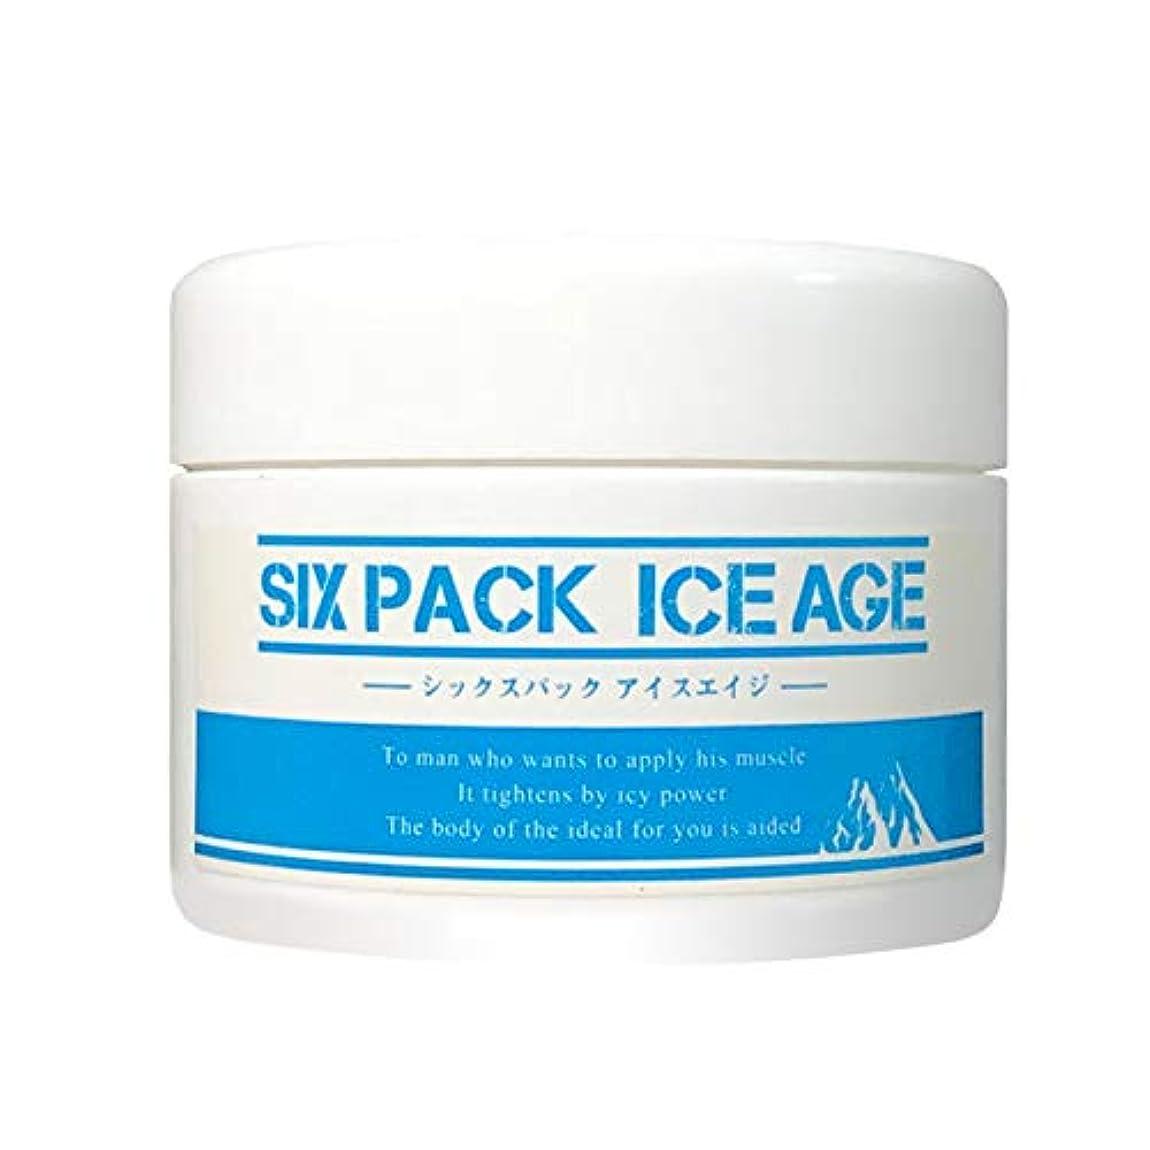 送ったマイナス女性SIX PACK ICE AGE (シックスパックアイスエイジ) 冷却 マッサージクリーム (日本製) クール素材 シックスパックアイスエイジ (内容量200g)